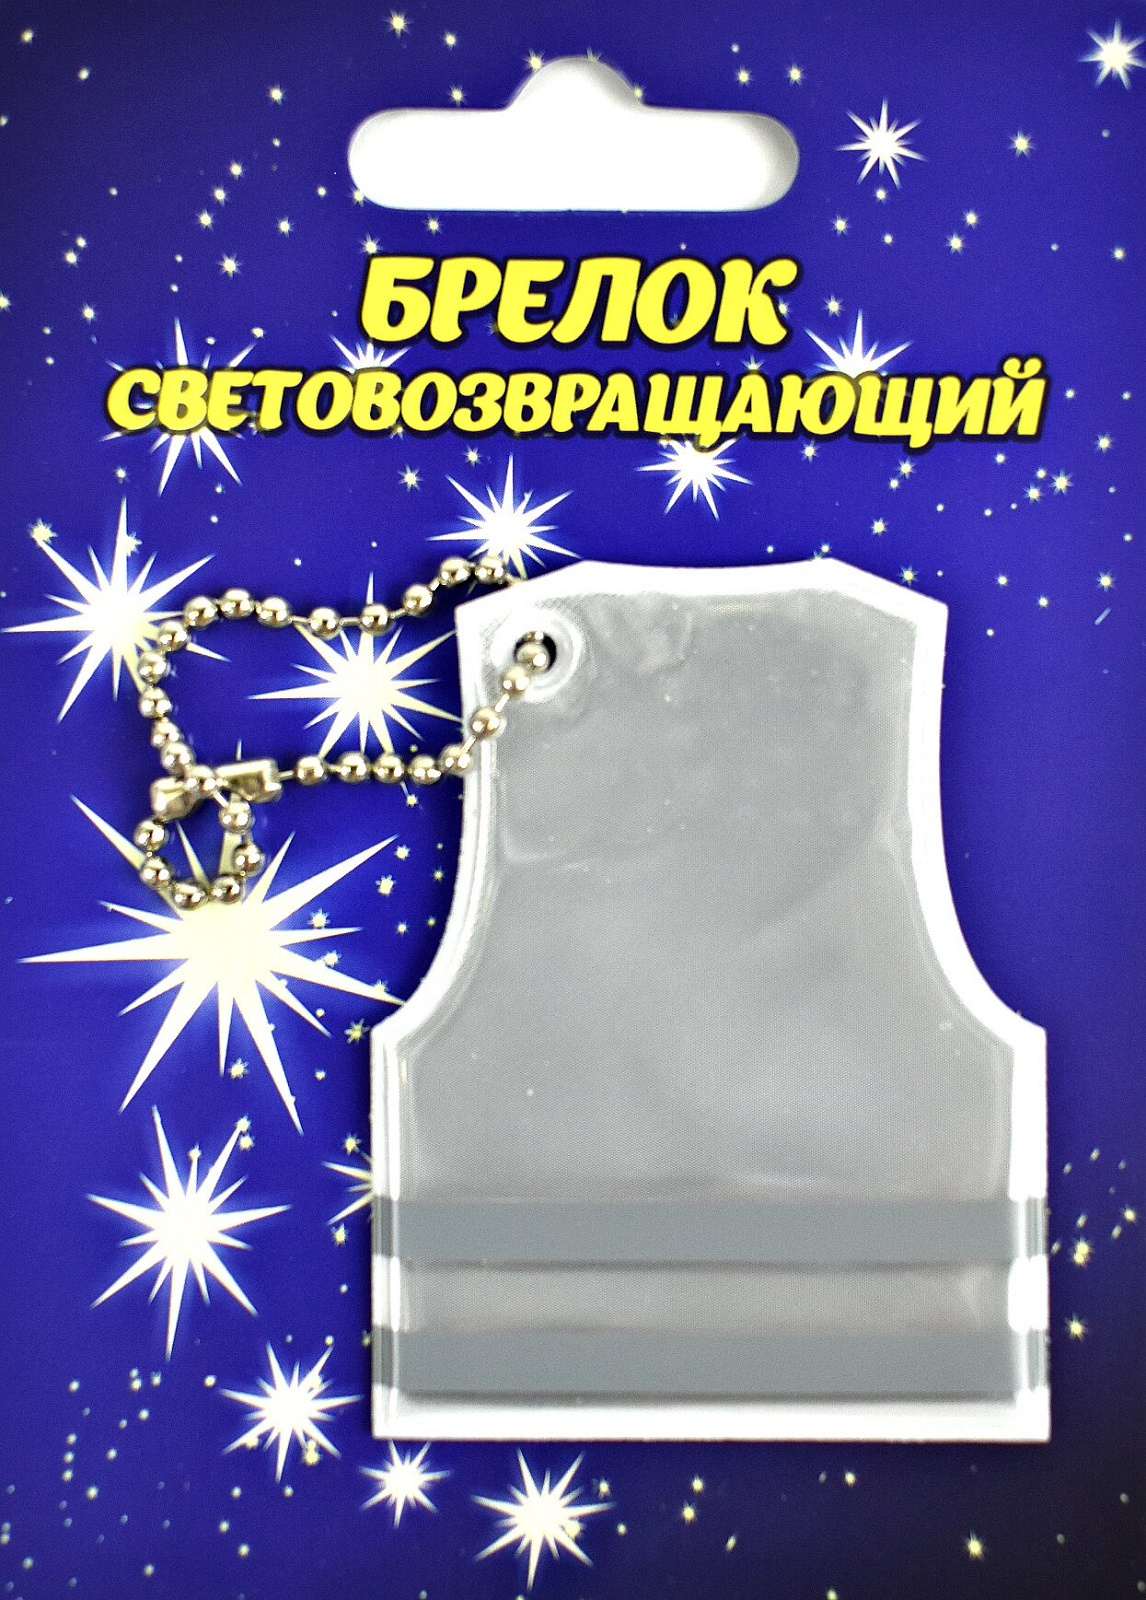 Светоотражатель Светлячок Брелок светоотражающий белый жилет, белый жилет светоотражающий светлячок эльфийская принцесса размер l